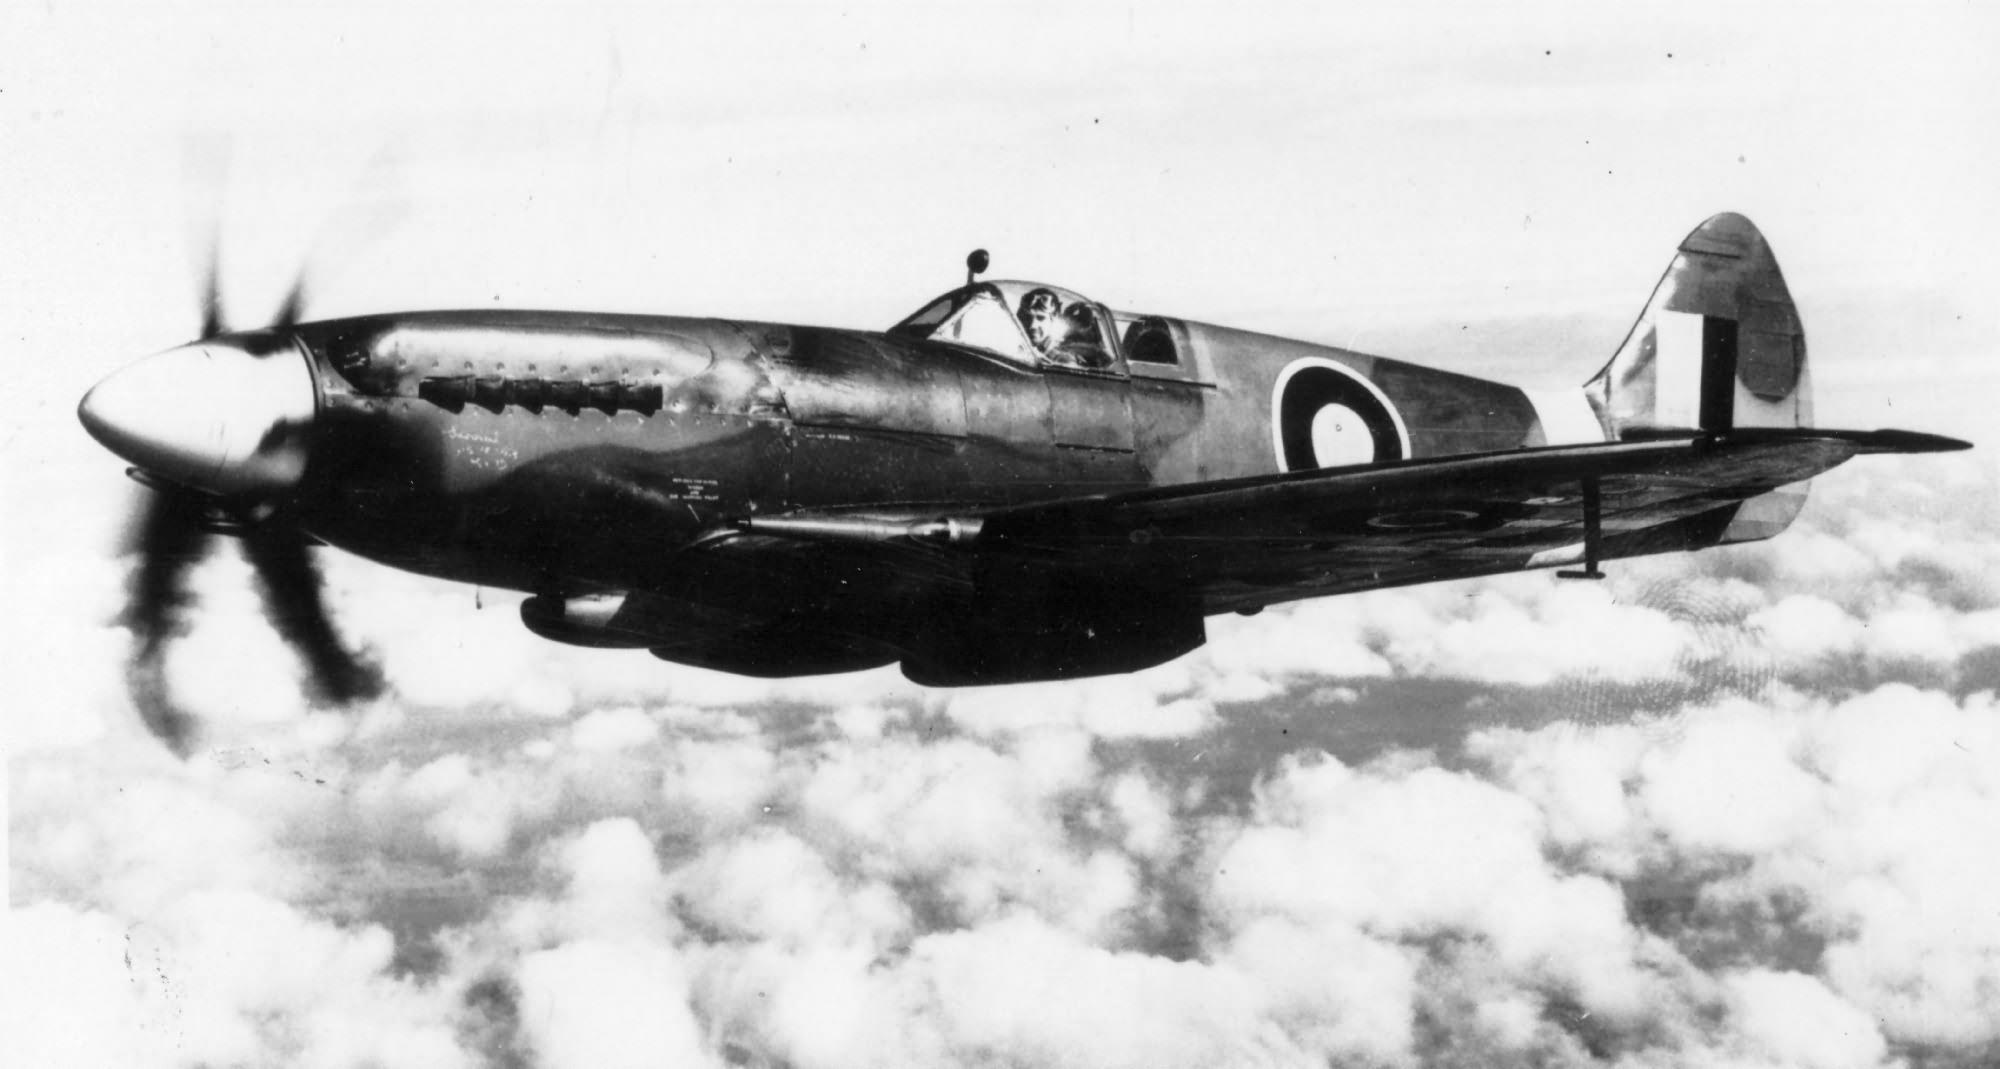 Spitfire XIVe RAF RB140 1943 web 02